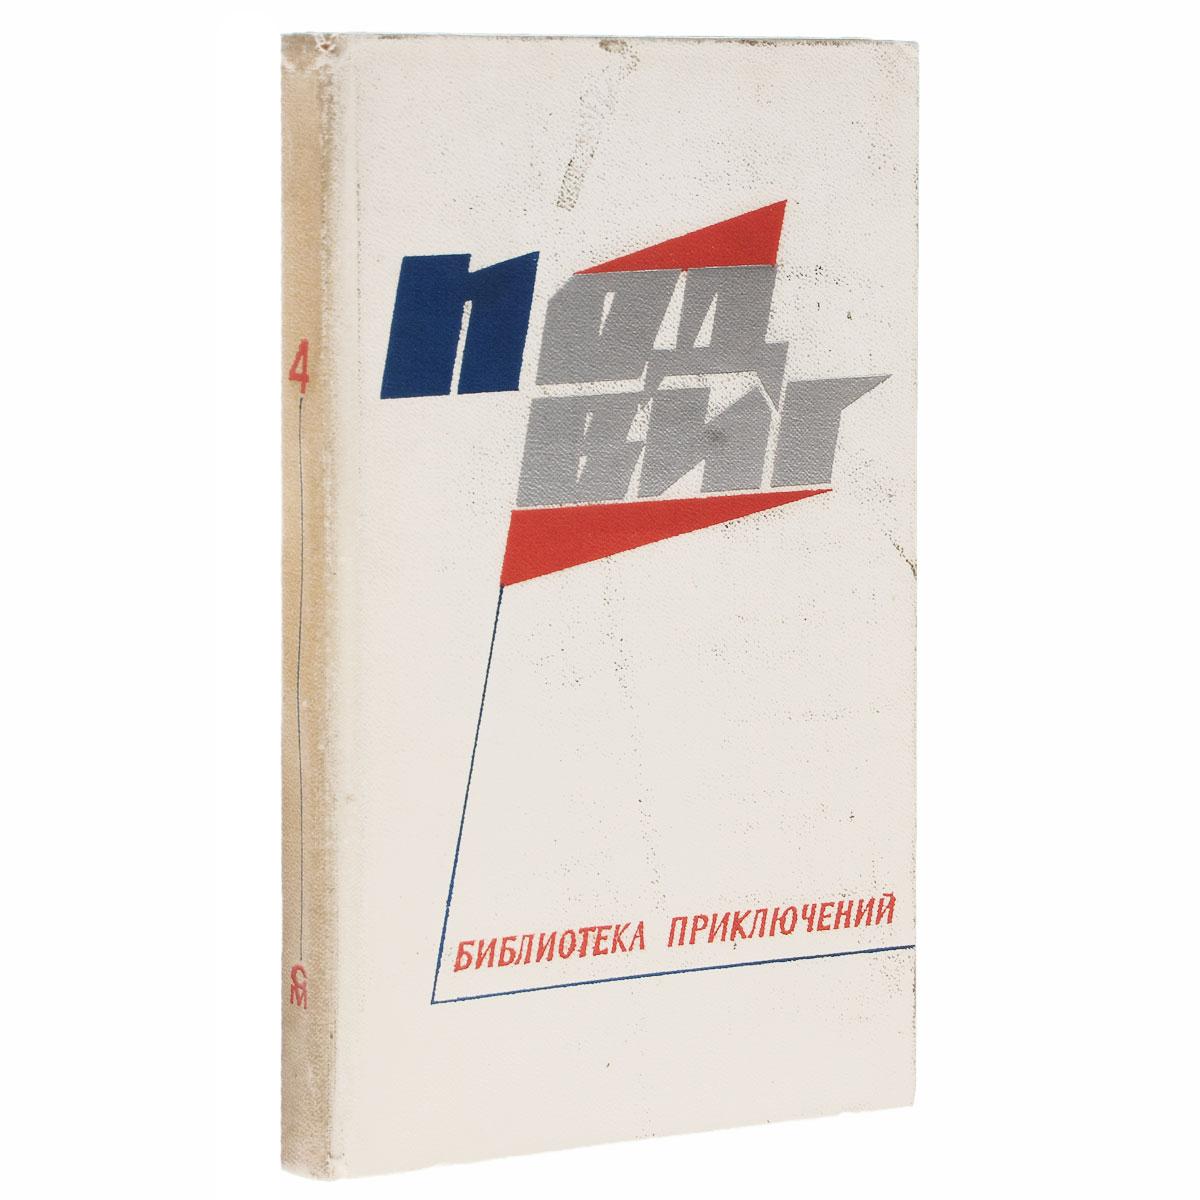 Ю. Фучик, Г. Вальдорф, П. Гамарра Подвиг. Библиотека приключений. В 5 книгах. Книга 2